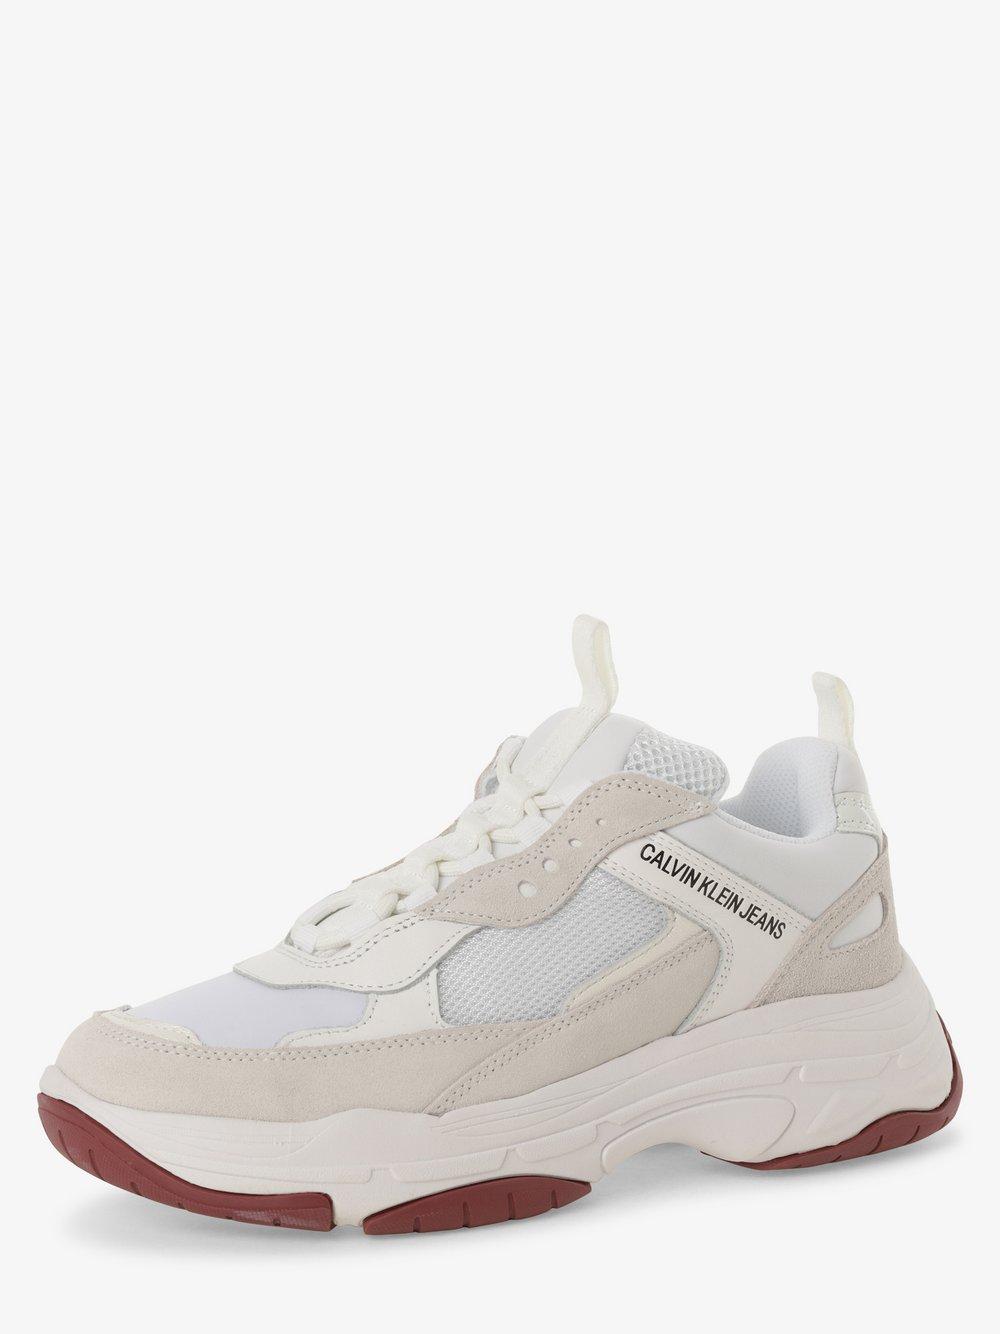 Calvin Klein Jeans - Tenisówki damskie z dodatkiem skóry, biały